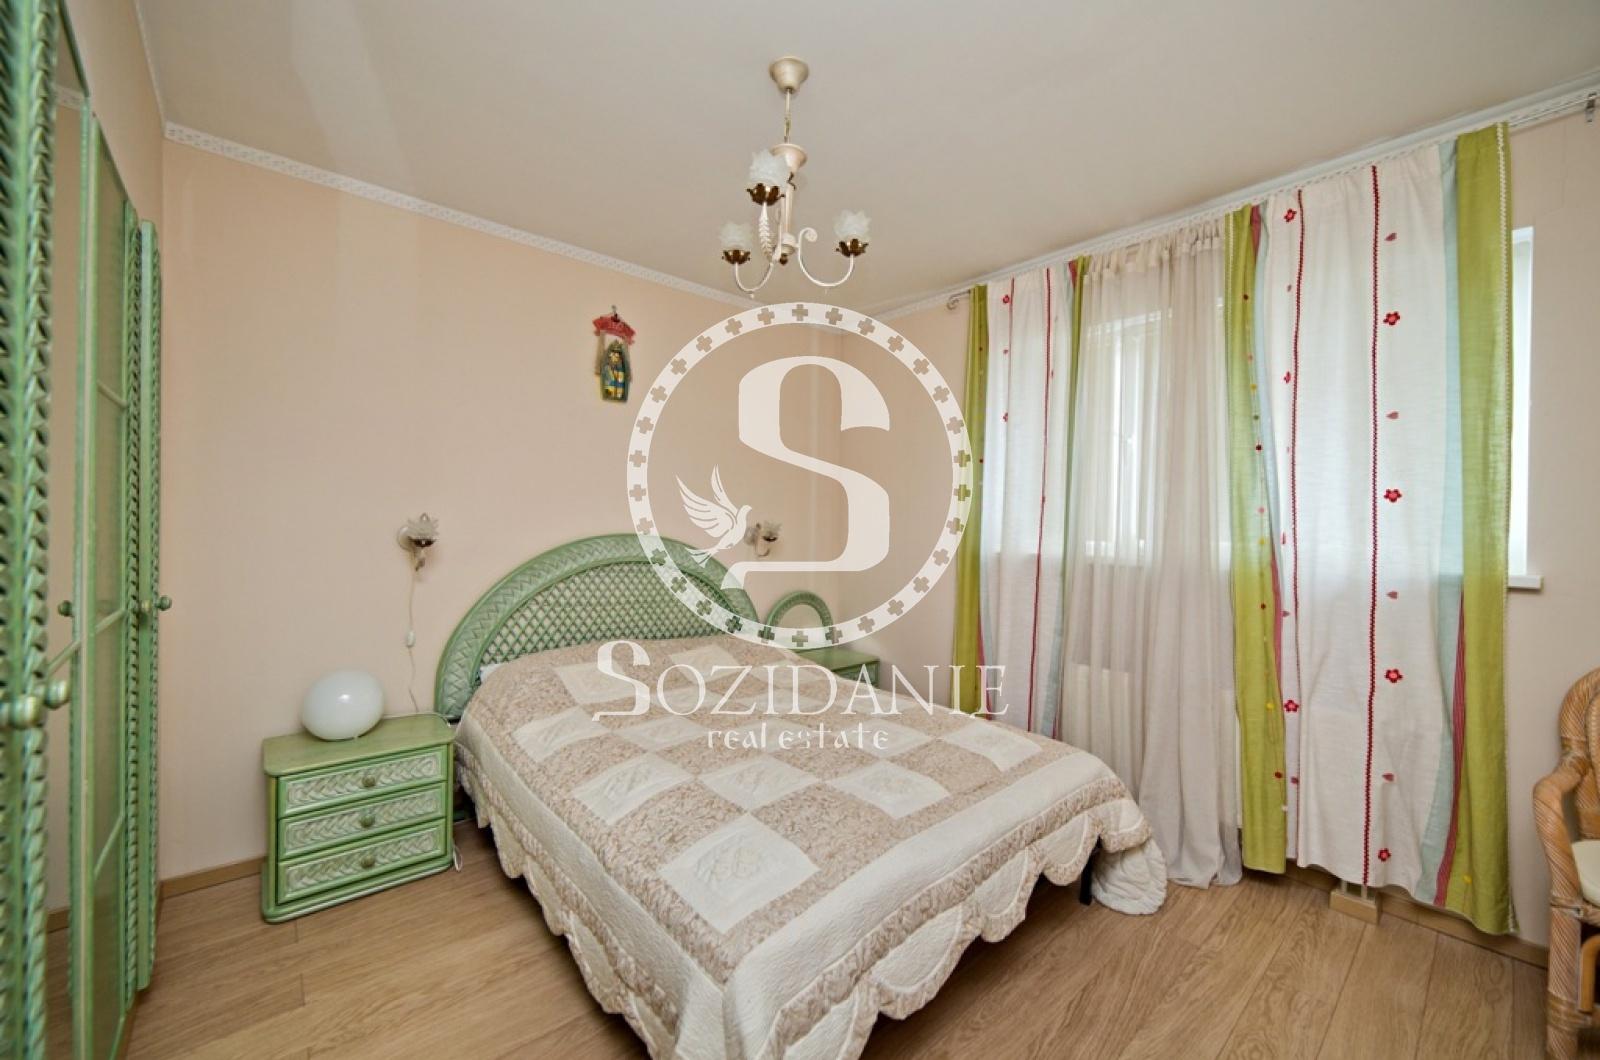 3 Bedrooms, Загородная, Аренда, Listing ID 1094, Московская область, Россия,